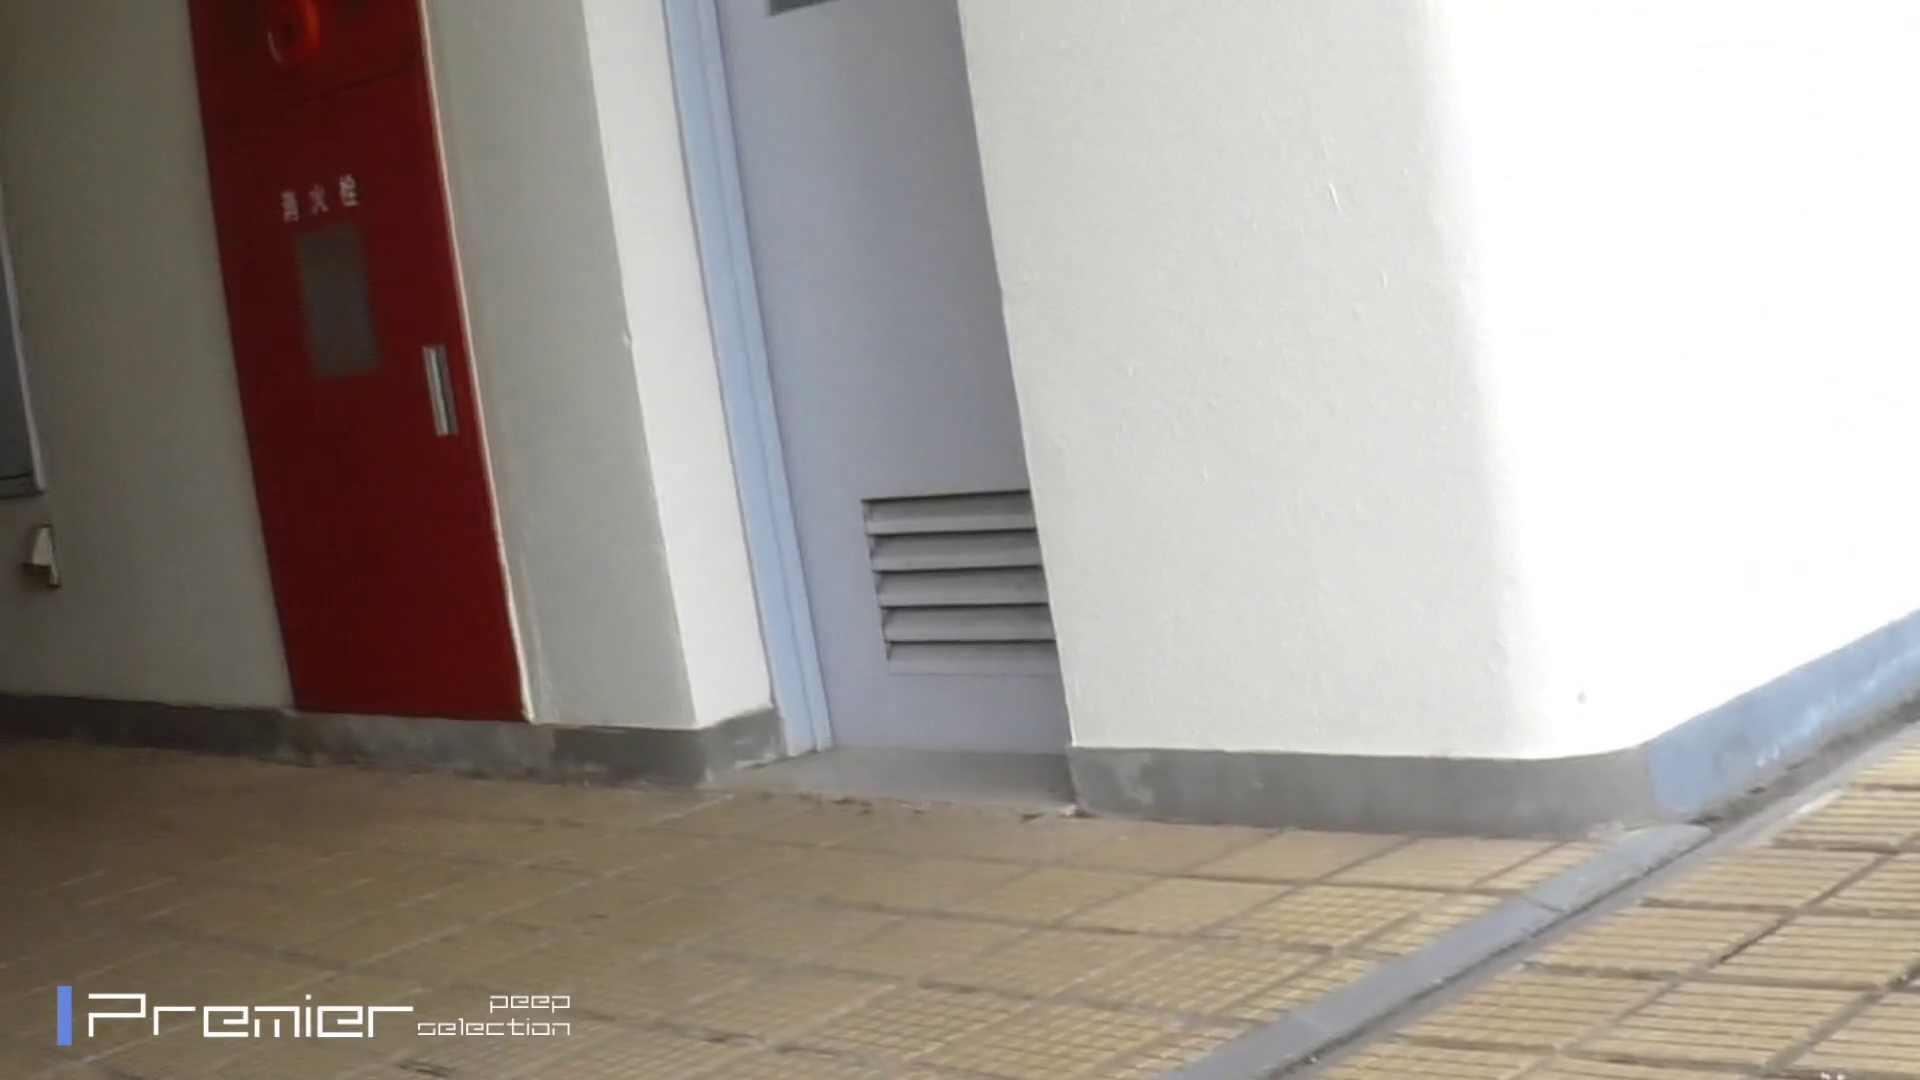 FHD激カワ!激やば! 復讐のトイレ盗撮 Vol.03 トイレ中 | 盗撮エロすぎ  78連発 27